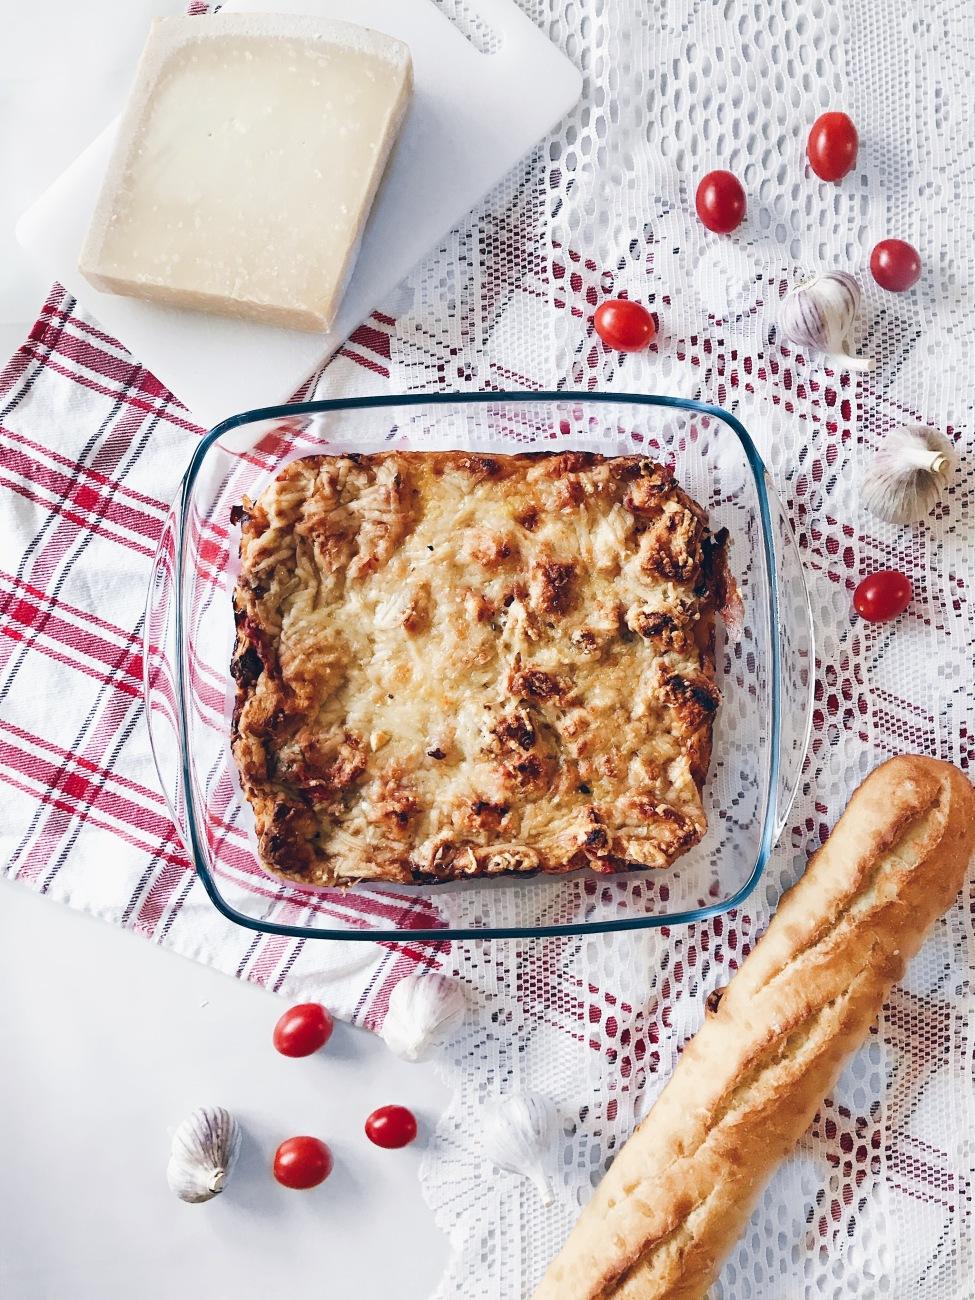 Strata à la sauce à spaghetti, au pain à l'ail et au parmesan